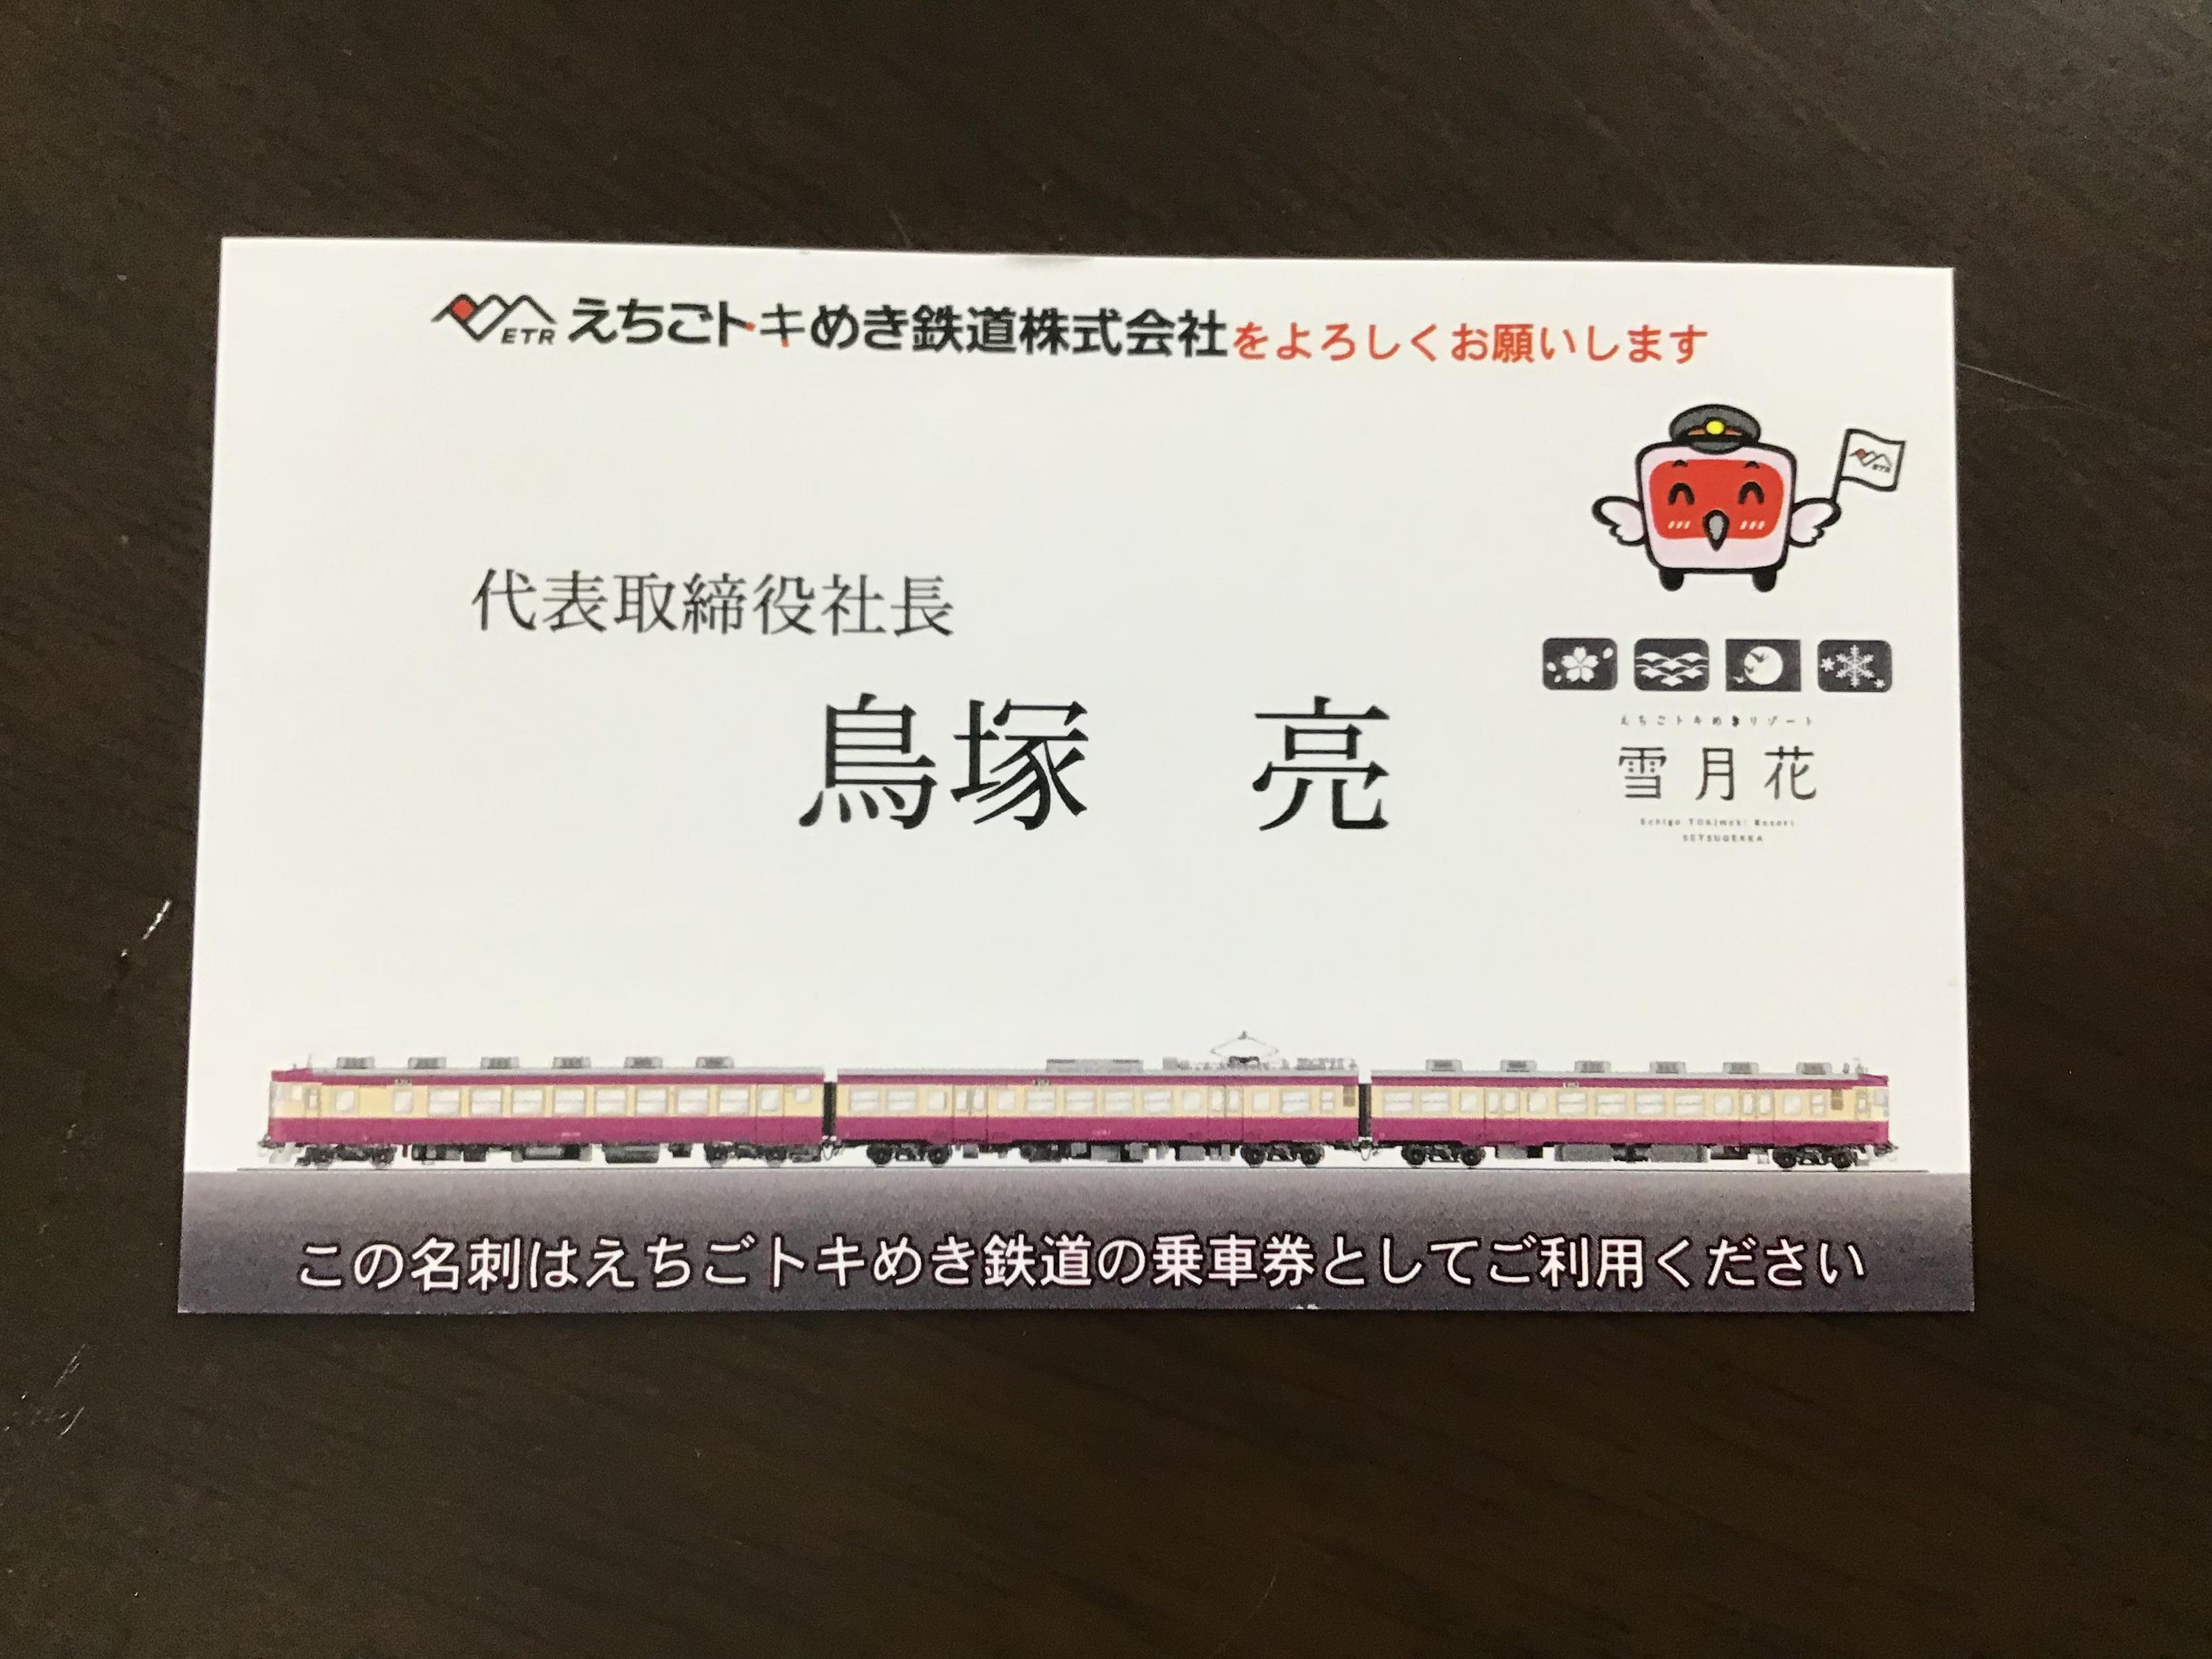 【新商品】名刺乗車券のご案内。